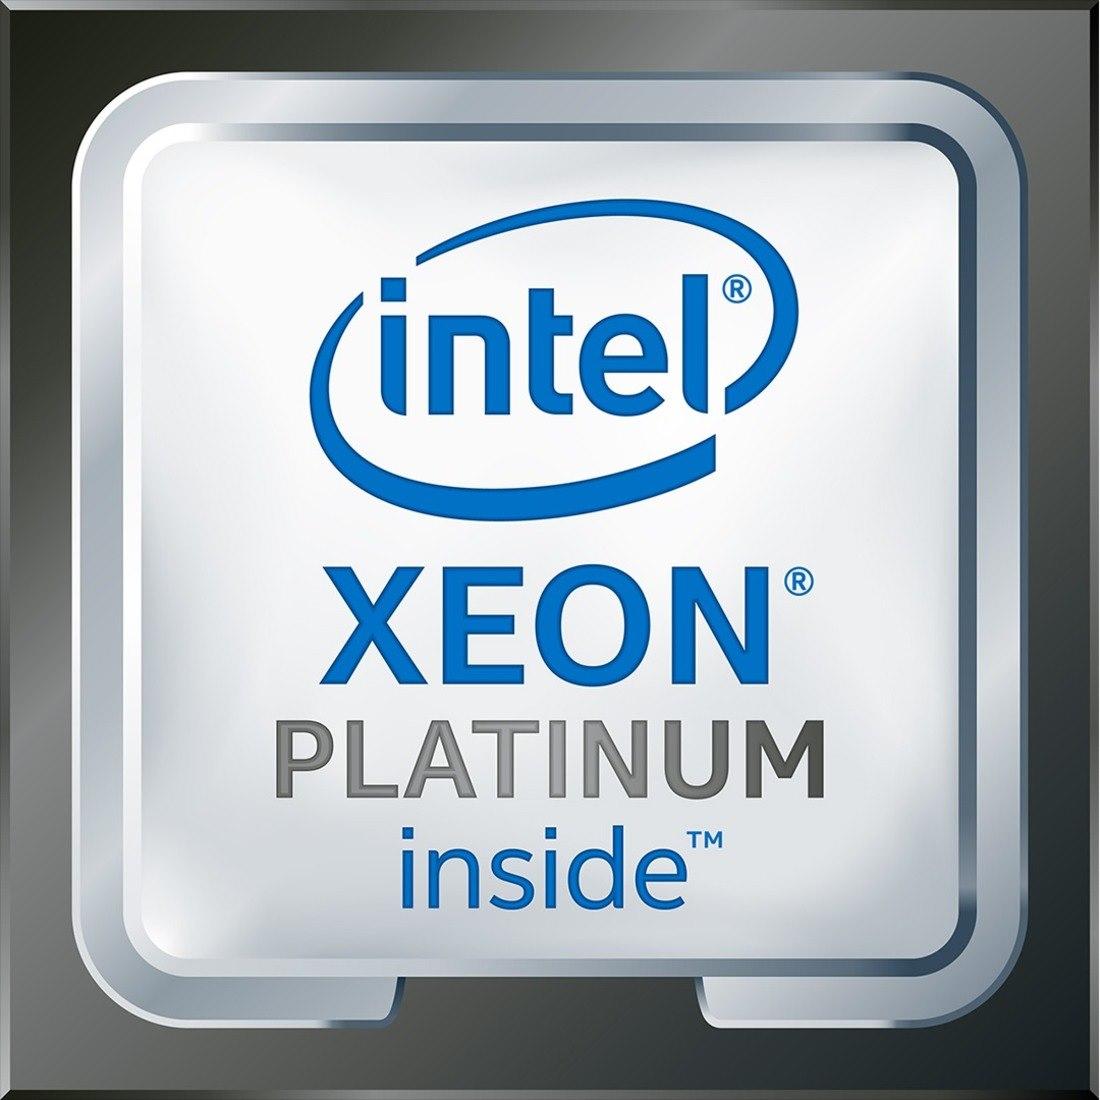 Cisco Intel Xeon Platinum 8160M Tetracosa-core (24 Core) 2.10 GHz Processor Upgrade